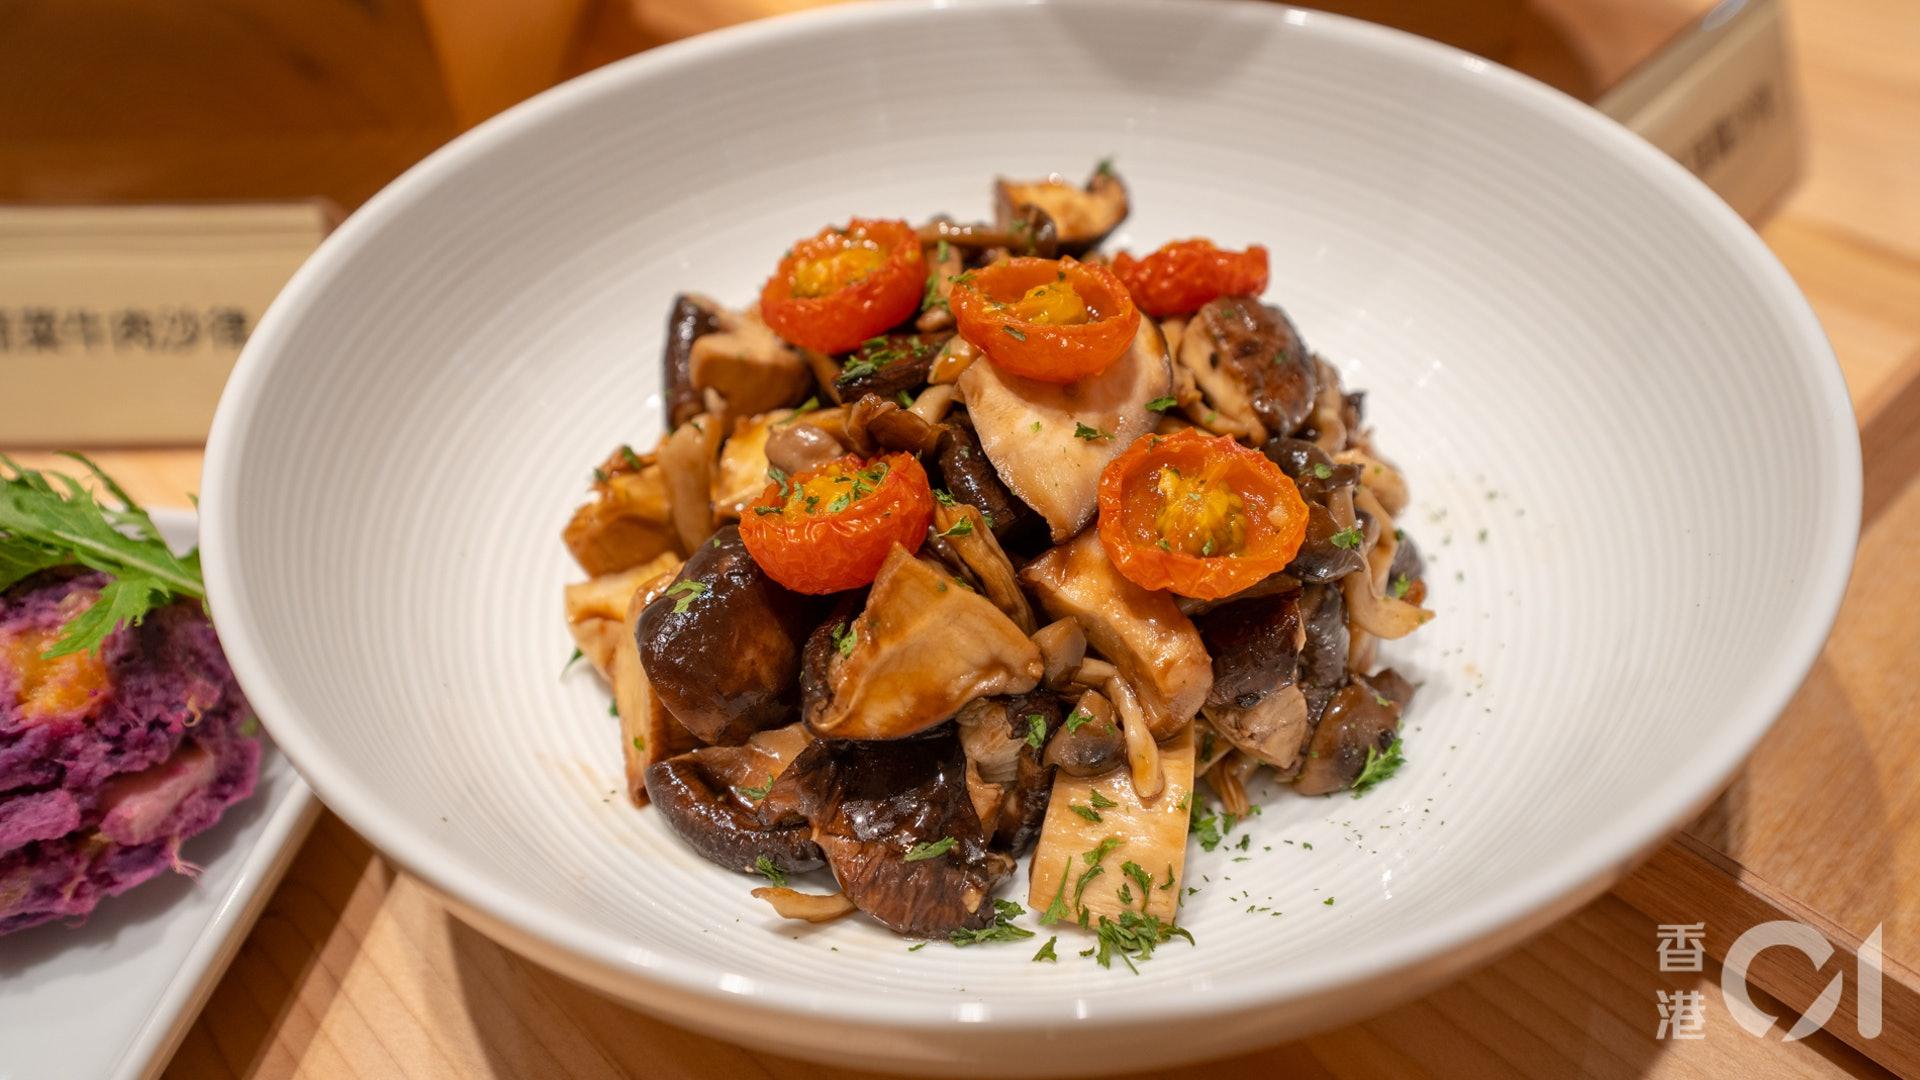 熱盤方面,黑木耳醬烤茄子有著本菇的香味,撈飯食一流。